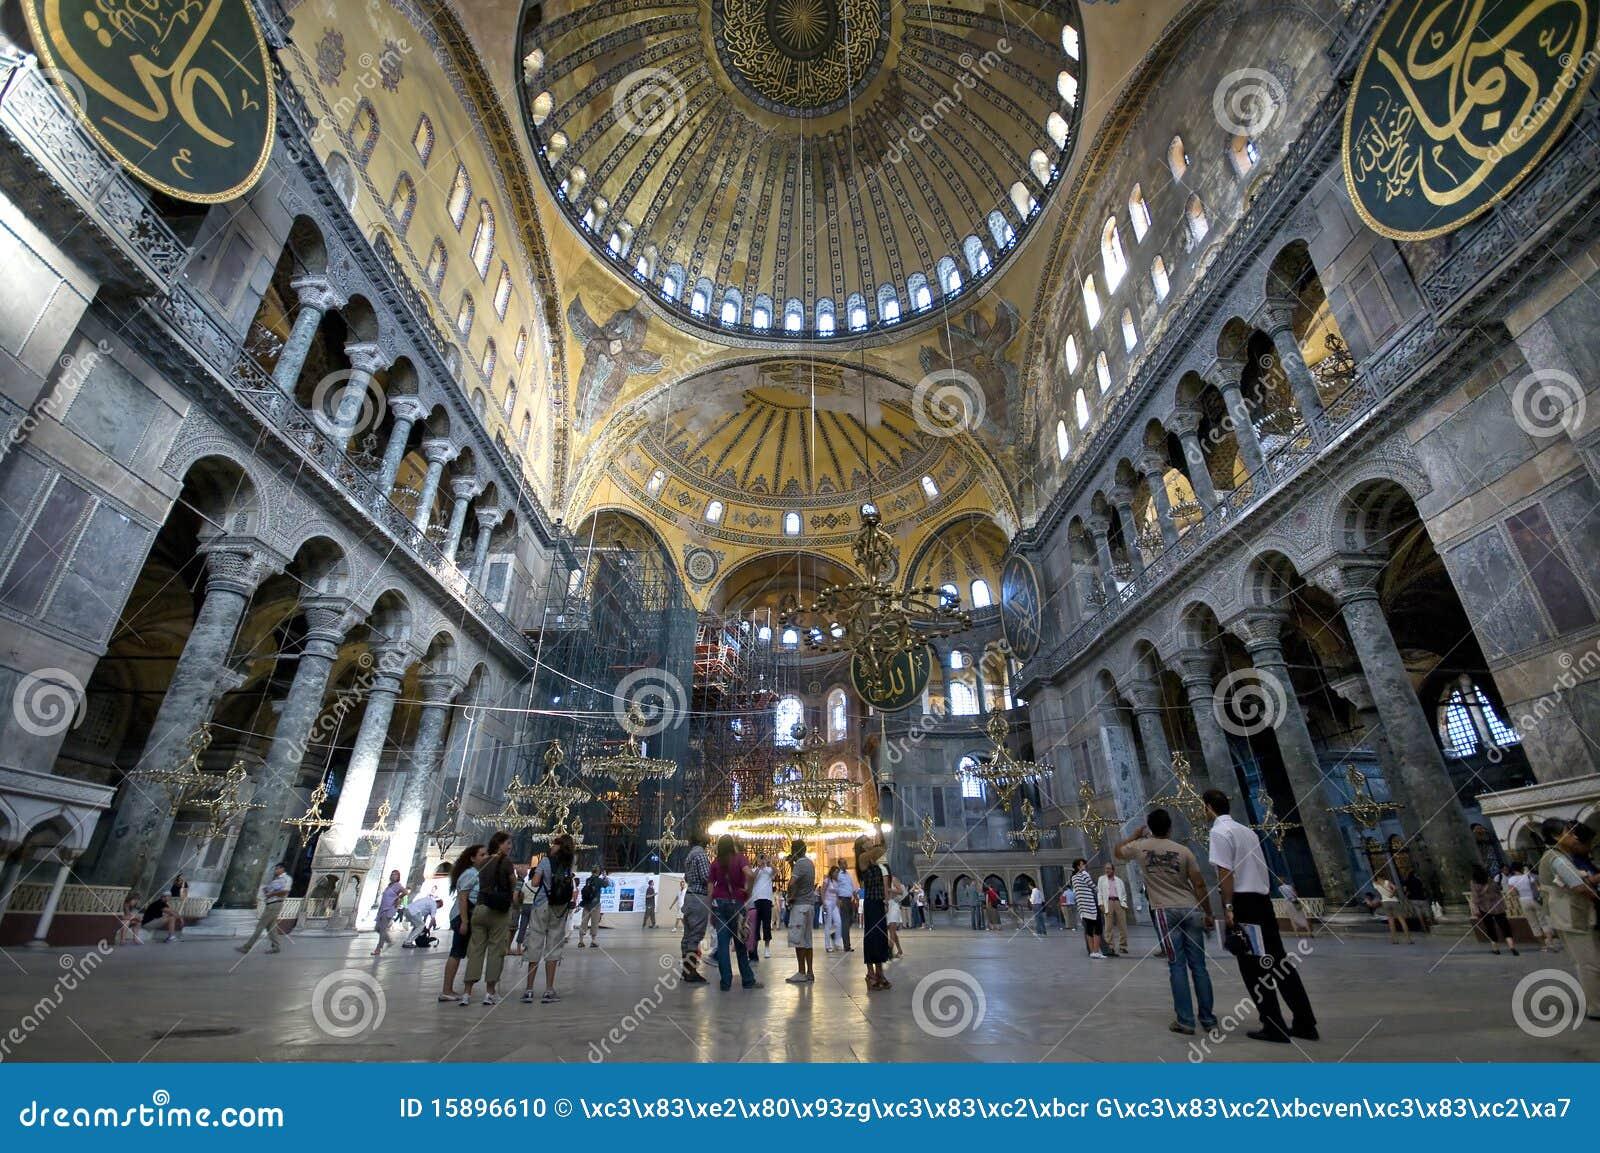 Hagia Sophia (Interior) editorial image. Image of